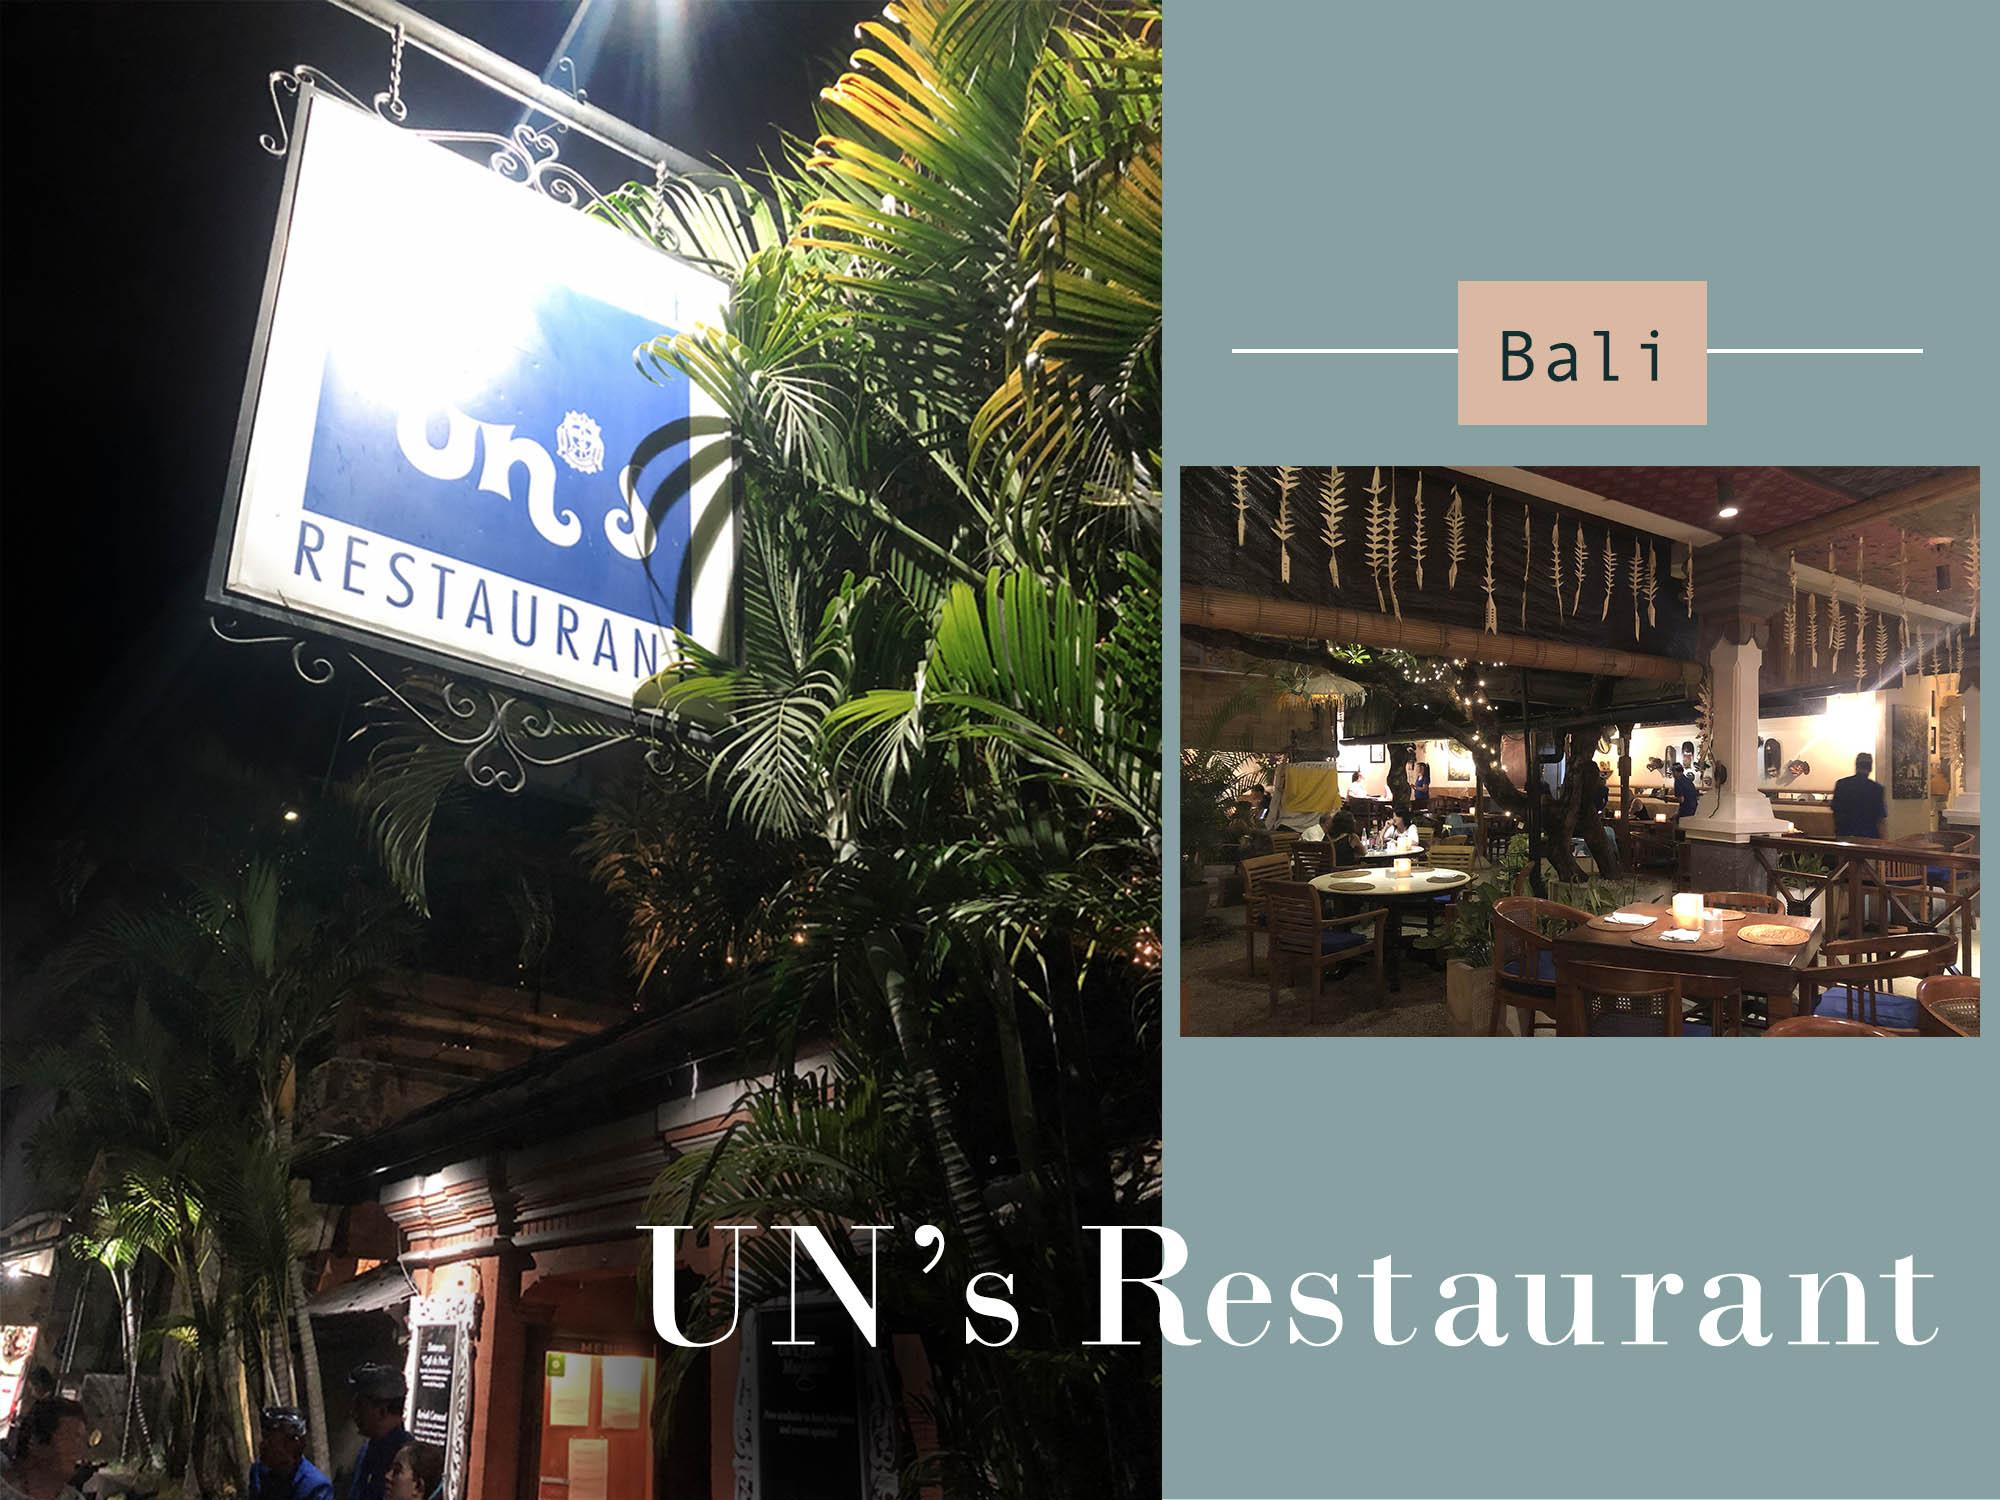 峇里島餐廳推薦|庫塔區的森林秘境Paradise UN's Restaurant,印尼炒飯好吃到哭!